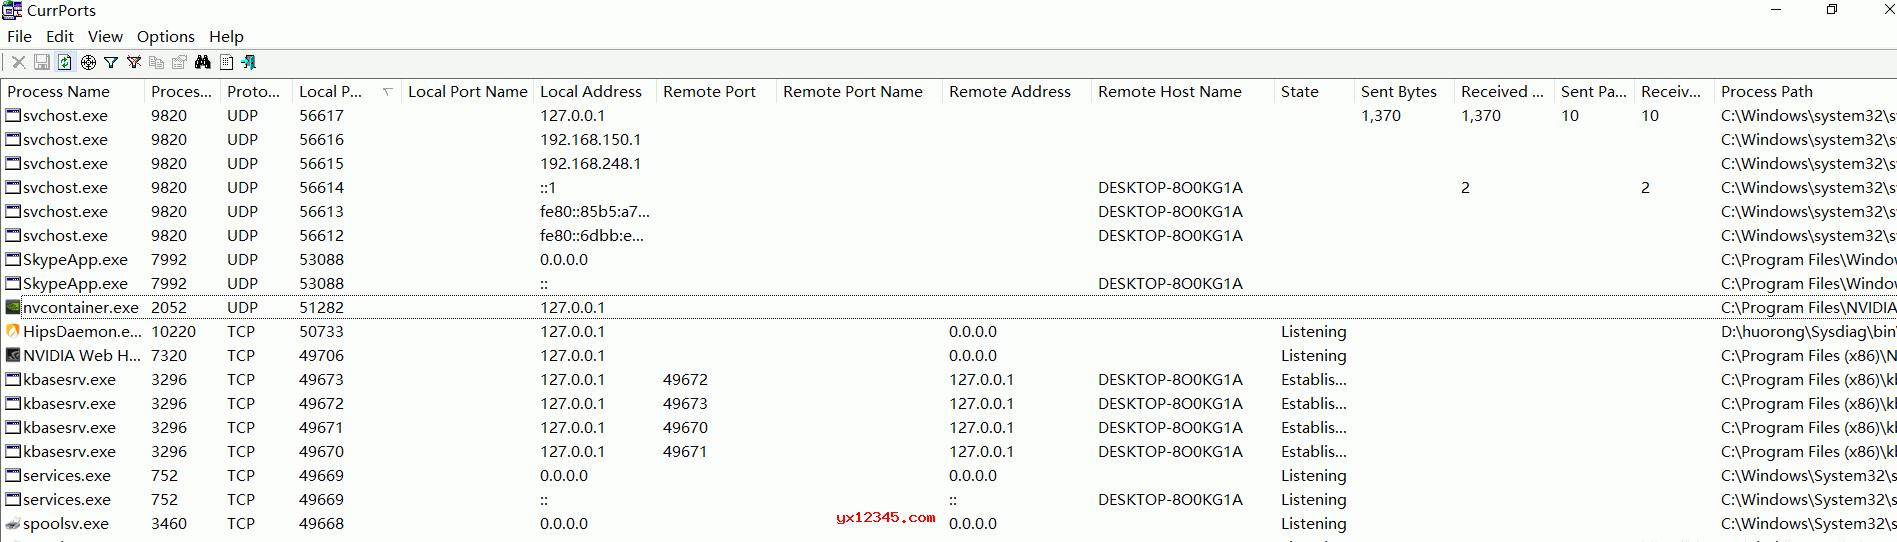 解压后双击cports.exe打开软件,在界面上会显示所有当前打开的TCP与UDP端口的列表,显示进程名称、进程id、协议、本地端口、本地地址、远程端口、远程地址、进程路径等信息。